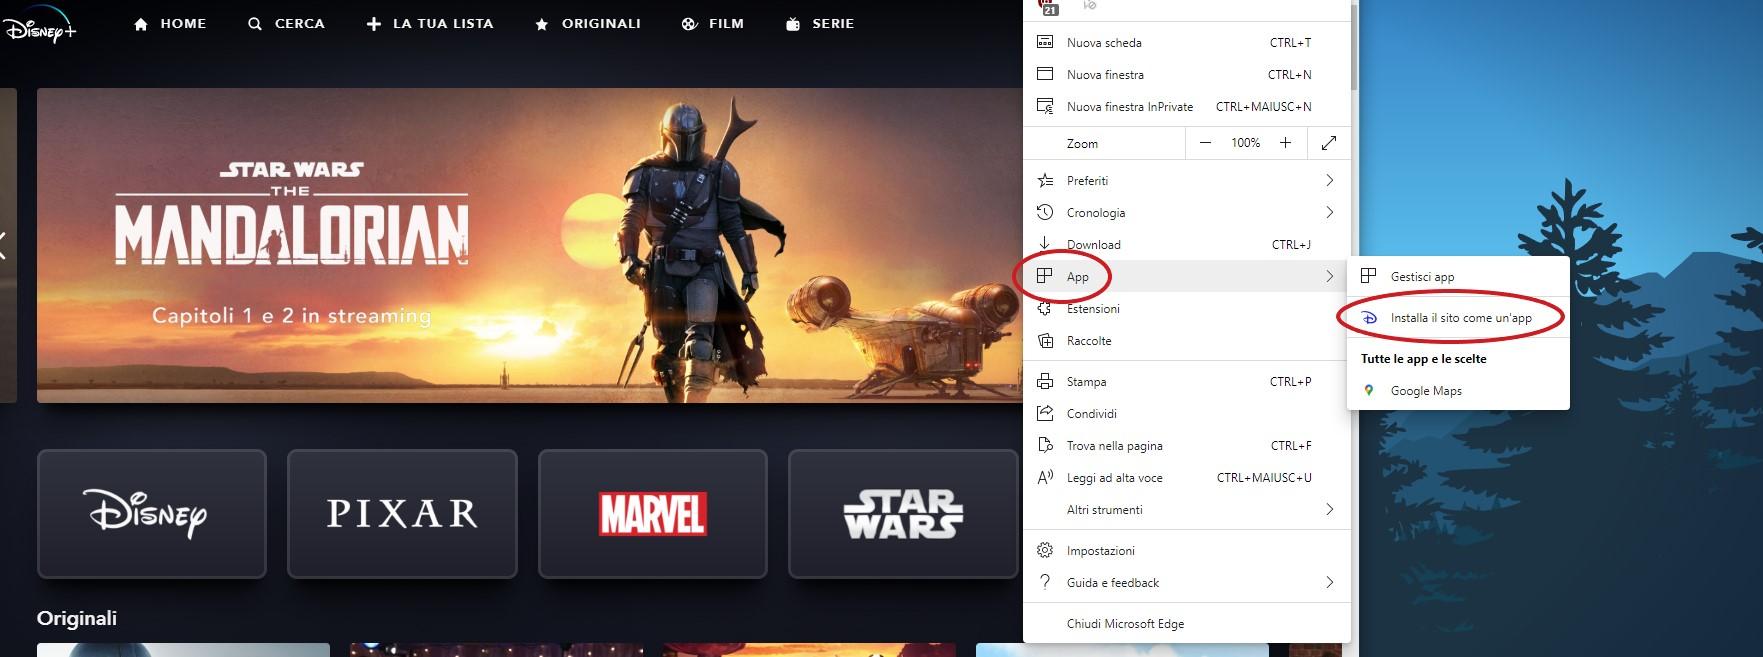 Disney+ in Microsoft Edge opzione per installare il sito come app